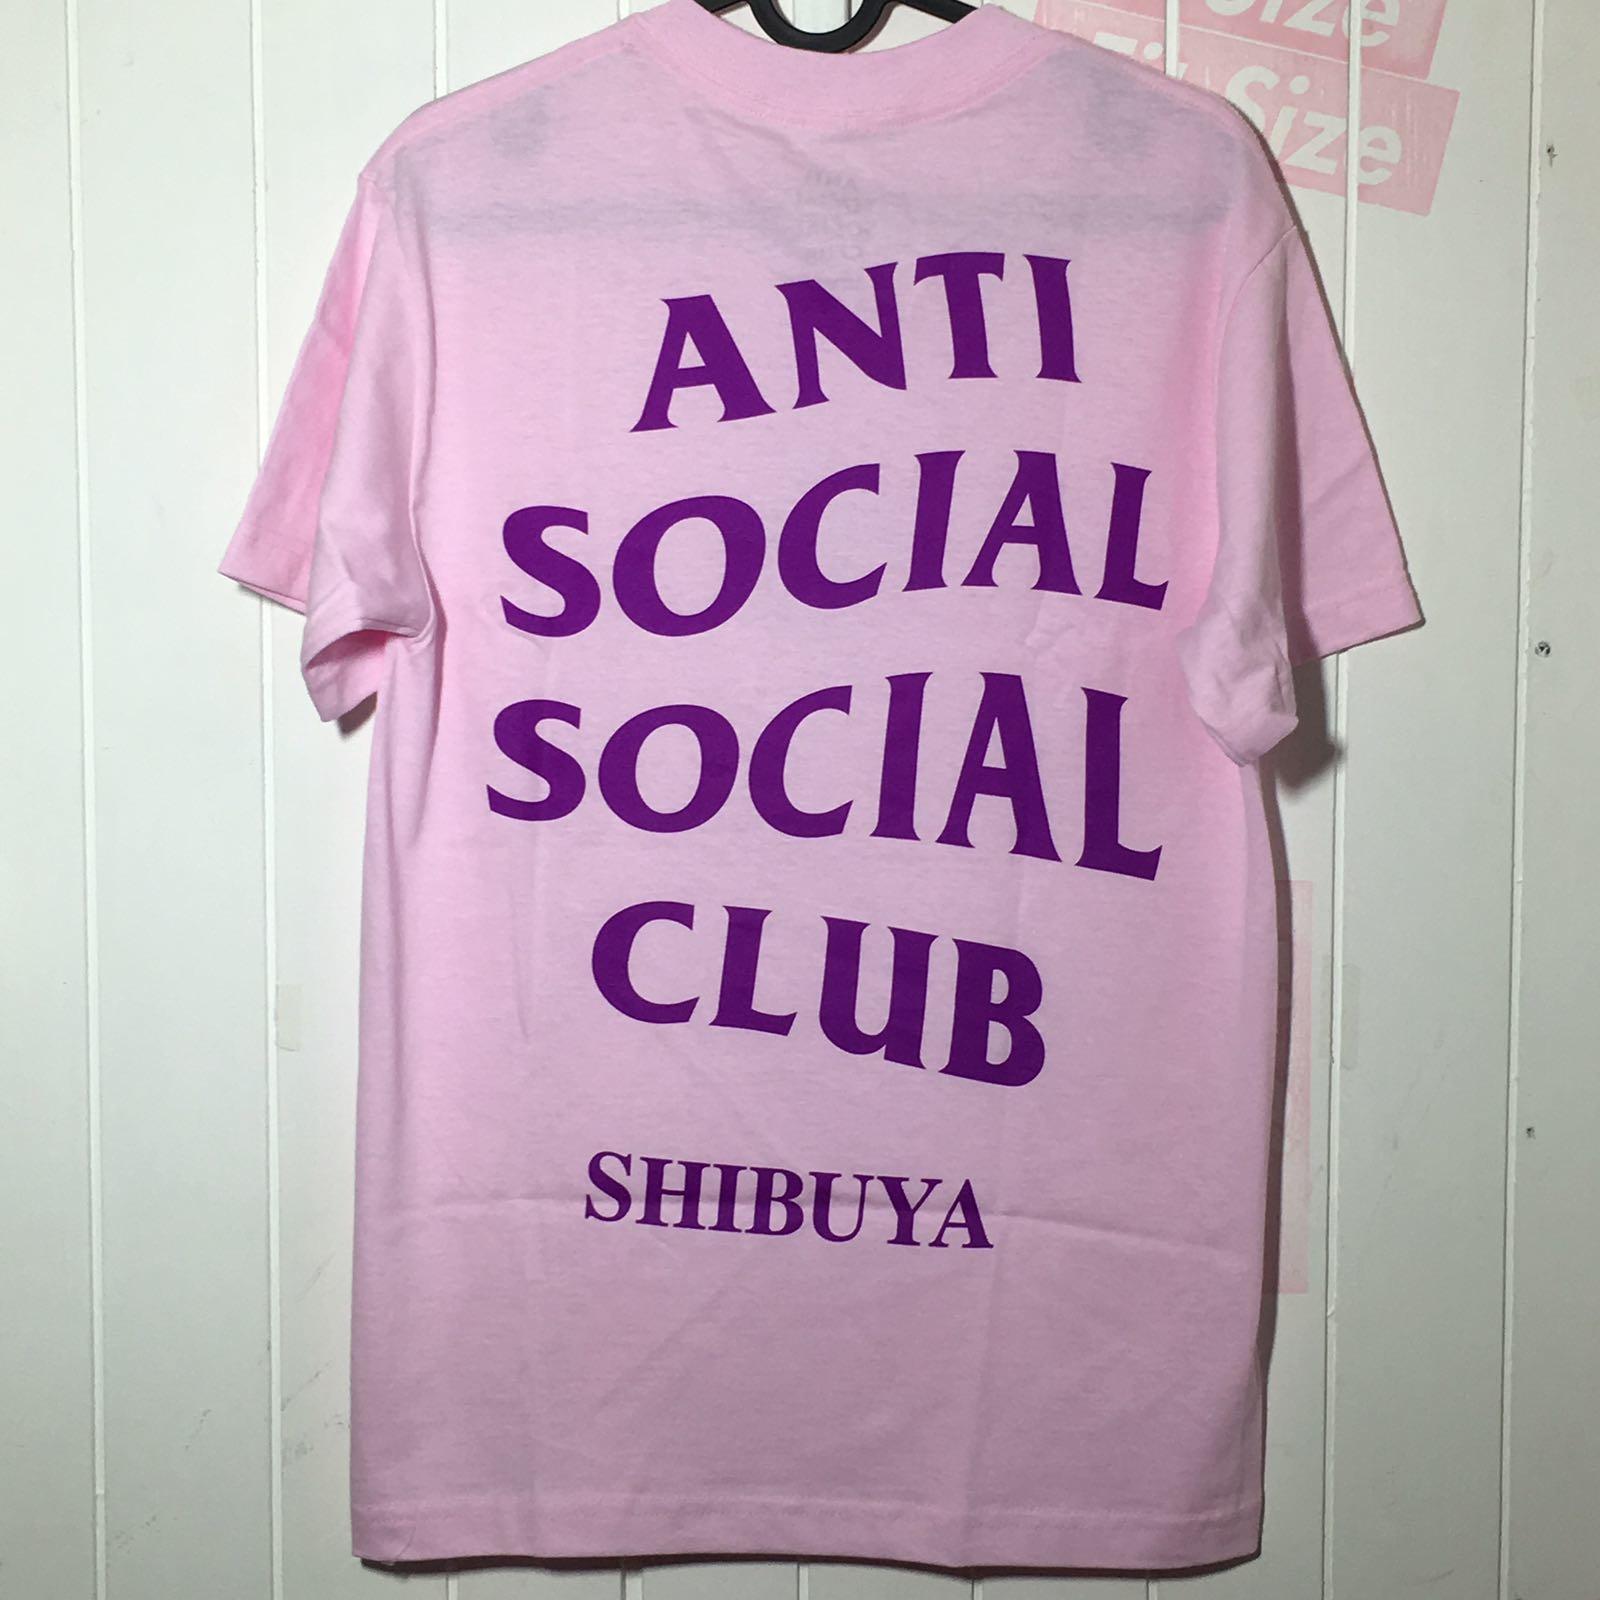 91ead41813f6 Anti social social club Shibuya Pink Tee